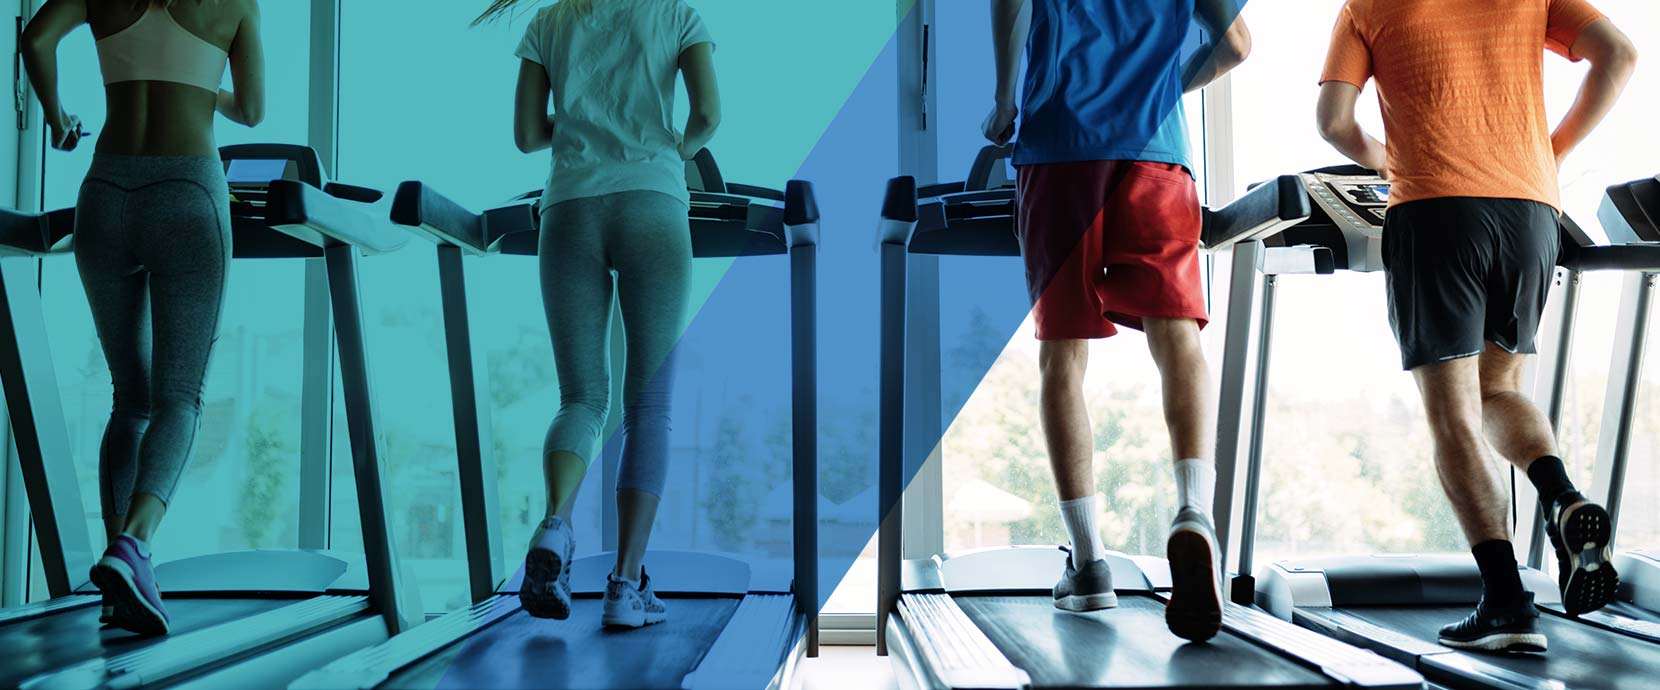 Dezvoltă o comunitate loială în jurul rețelei tale de cluburi de fitness